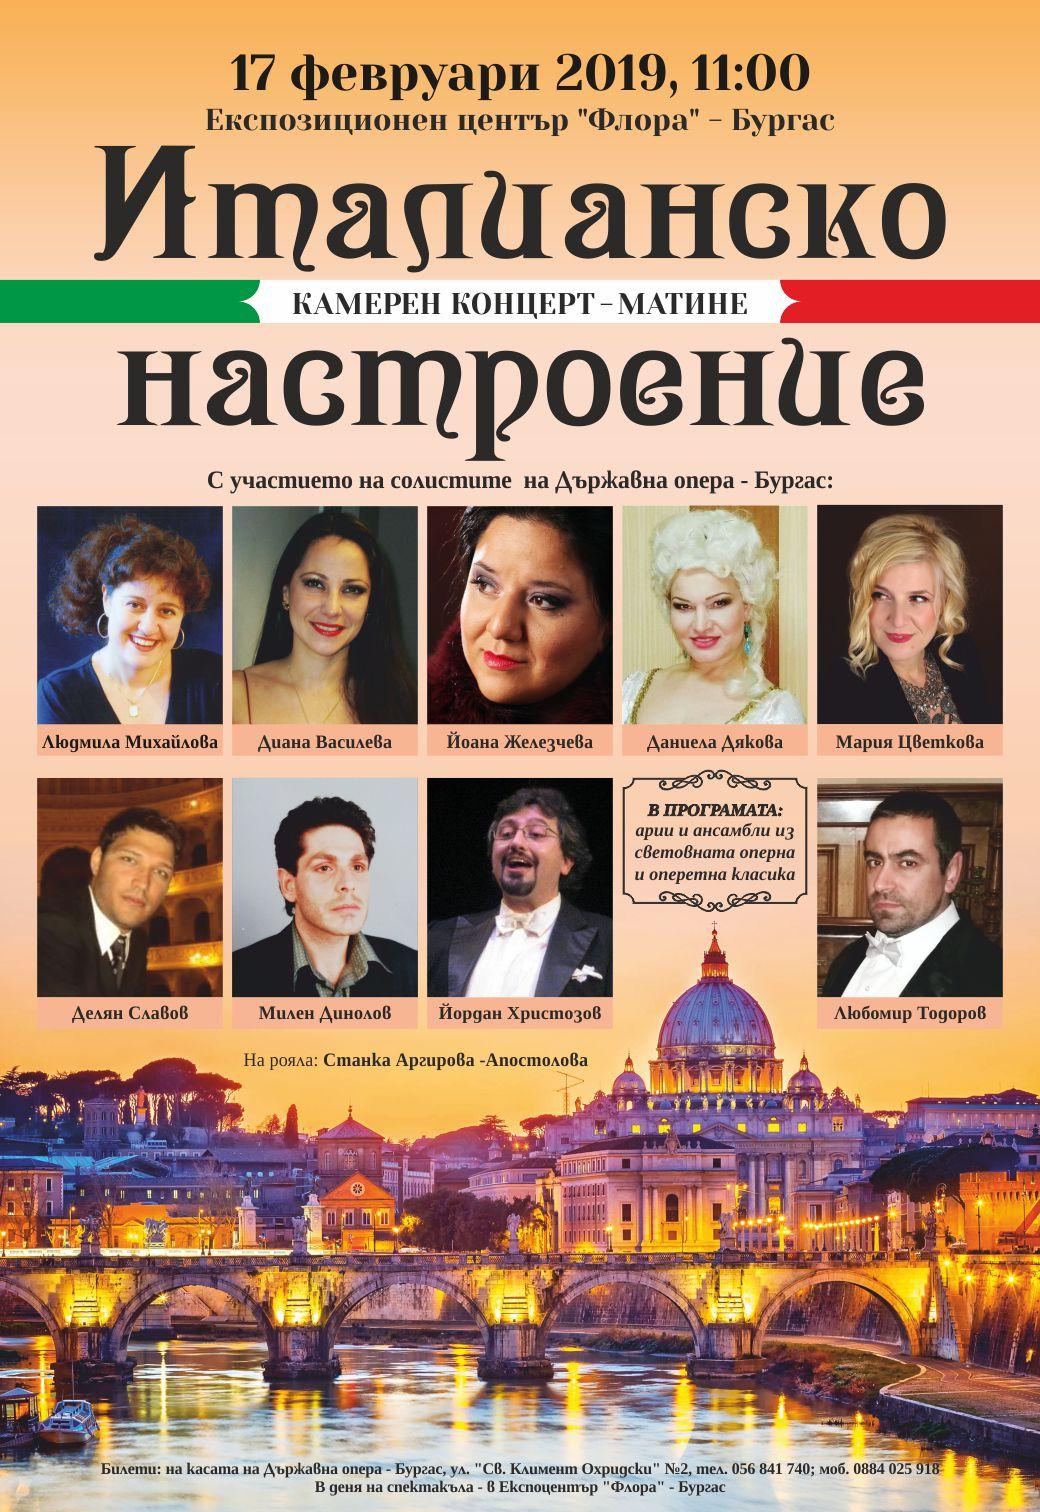 Неделно оперно матине в бургаската опера